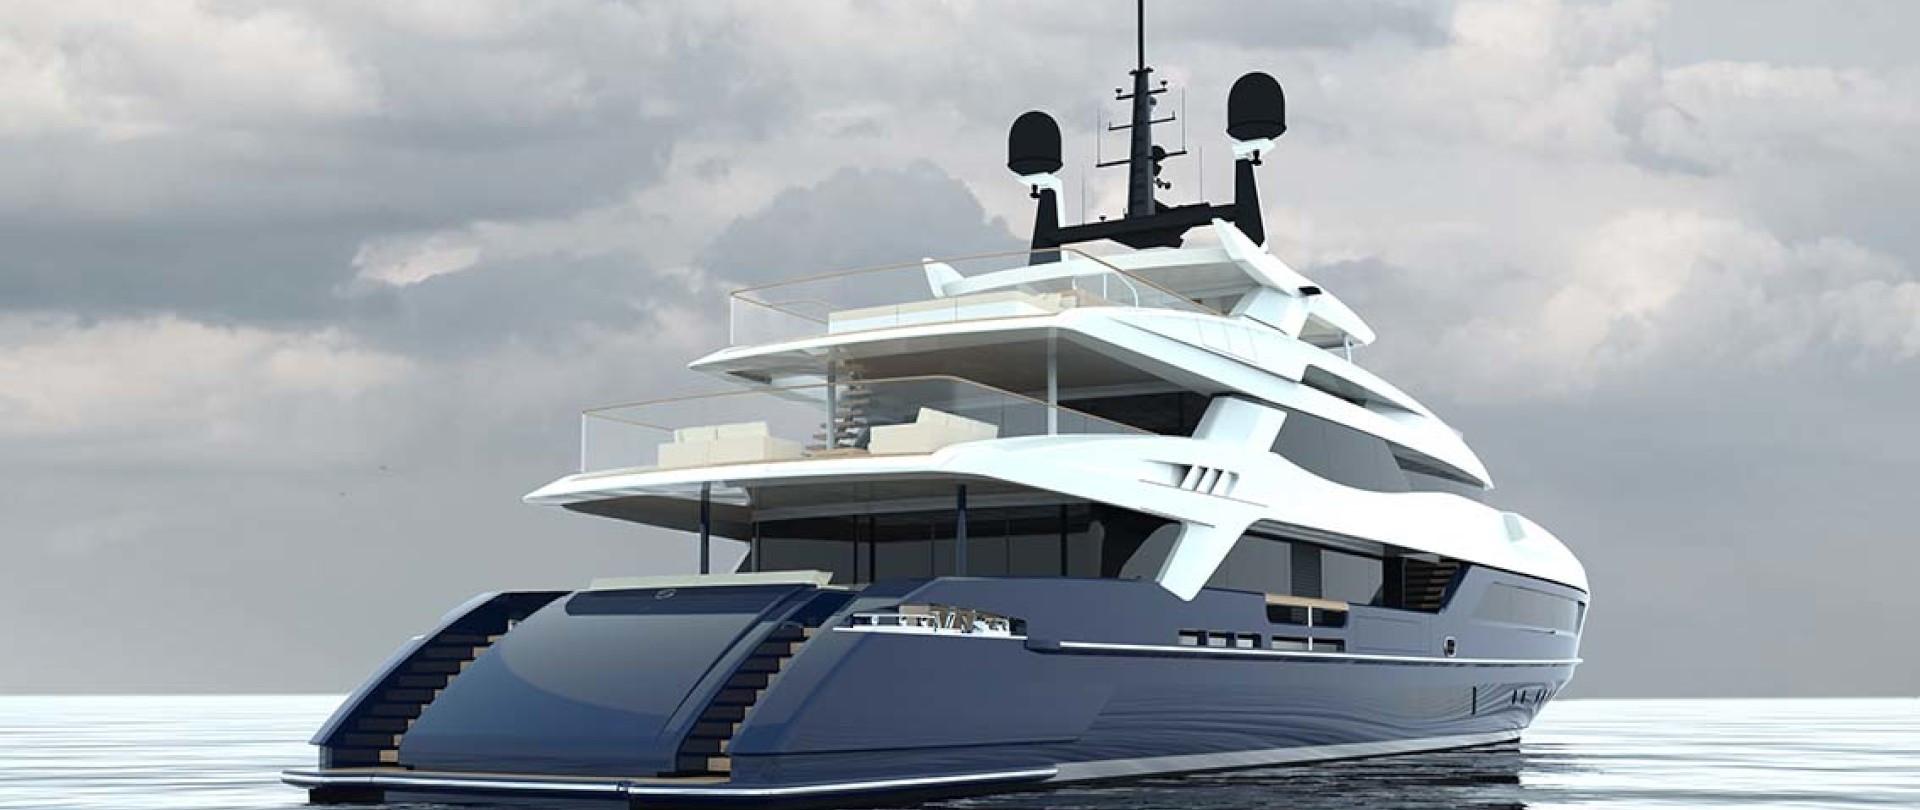 55m Baglietto New Build Announced photo 1